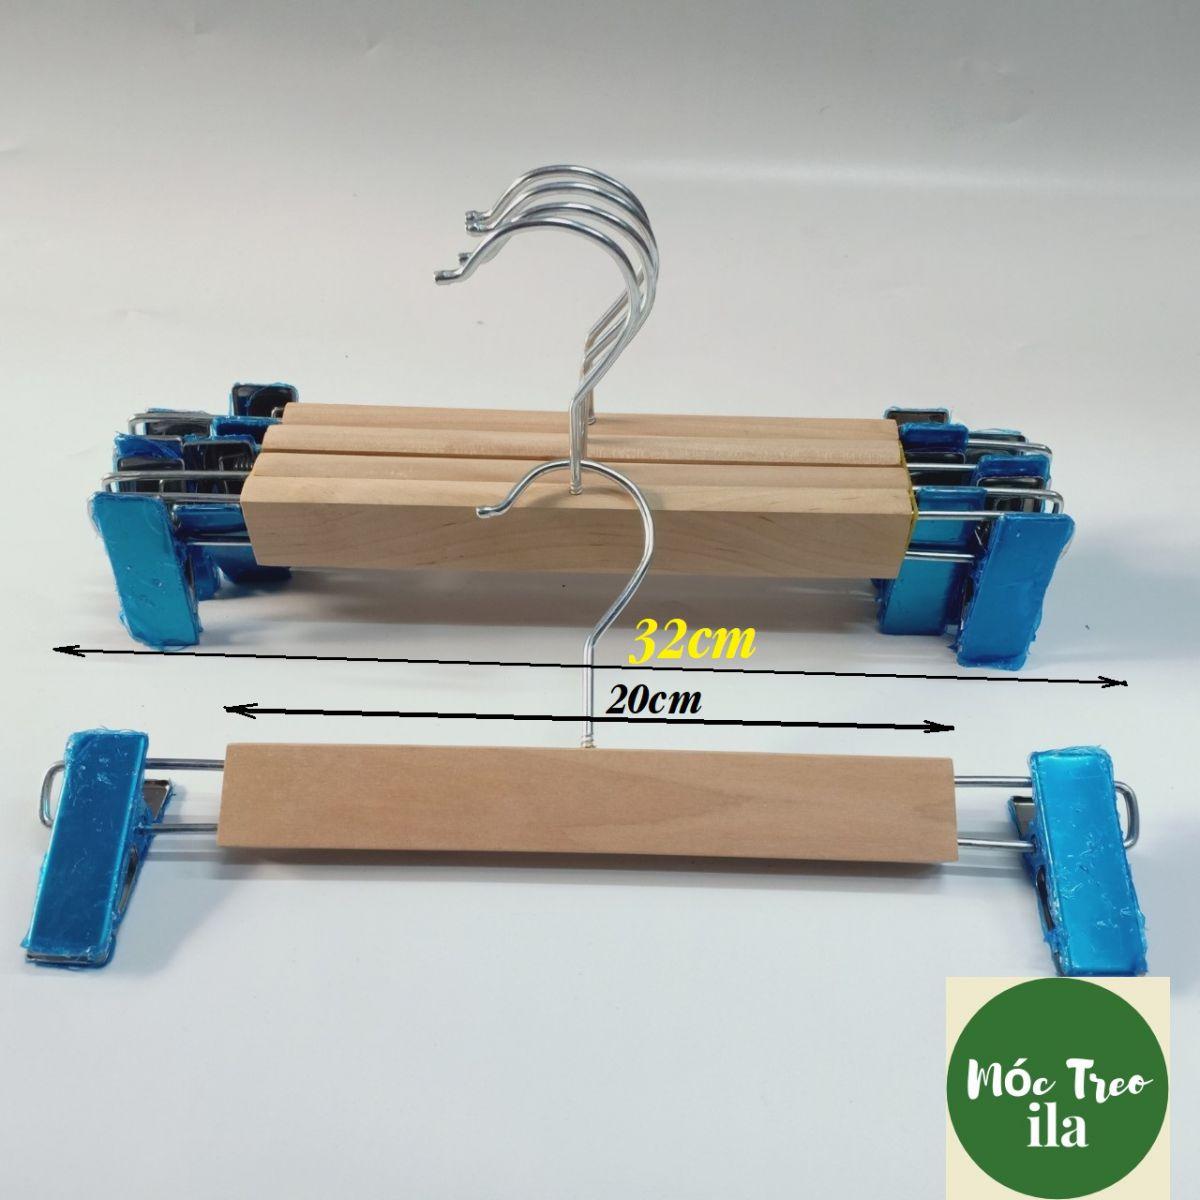 móc-kẹp-gỗ-thường